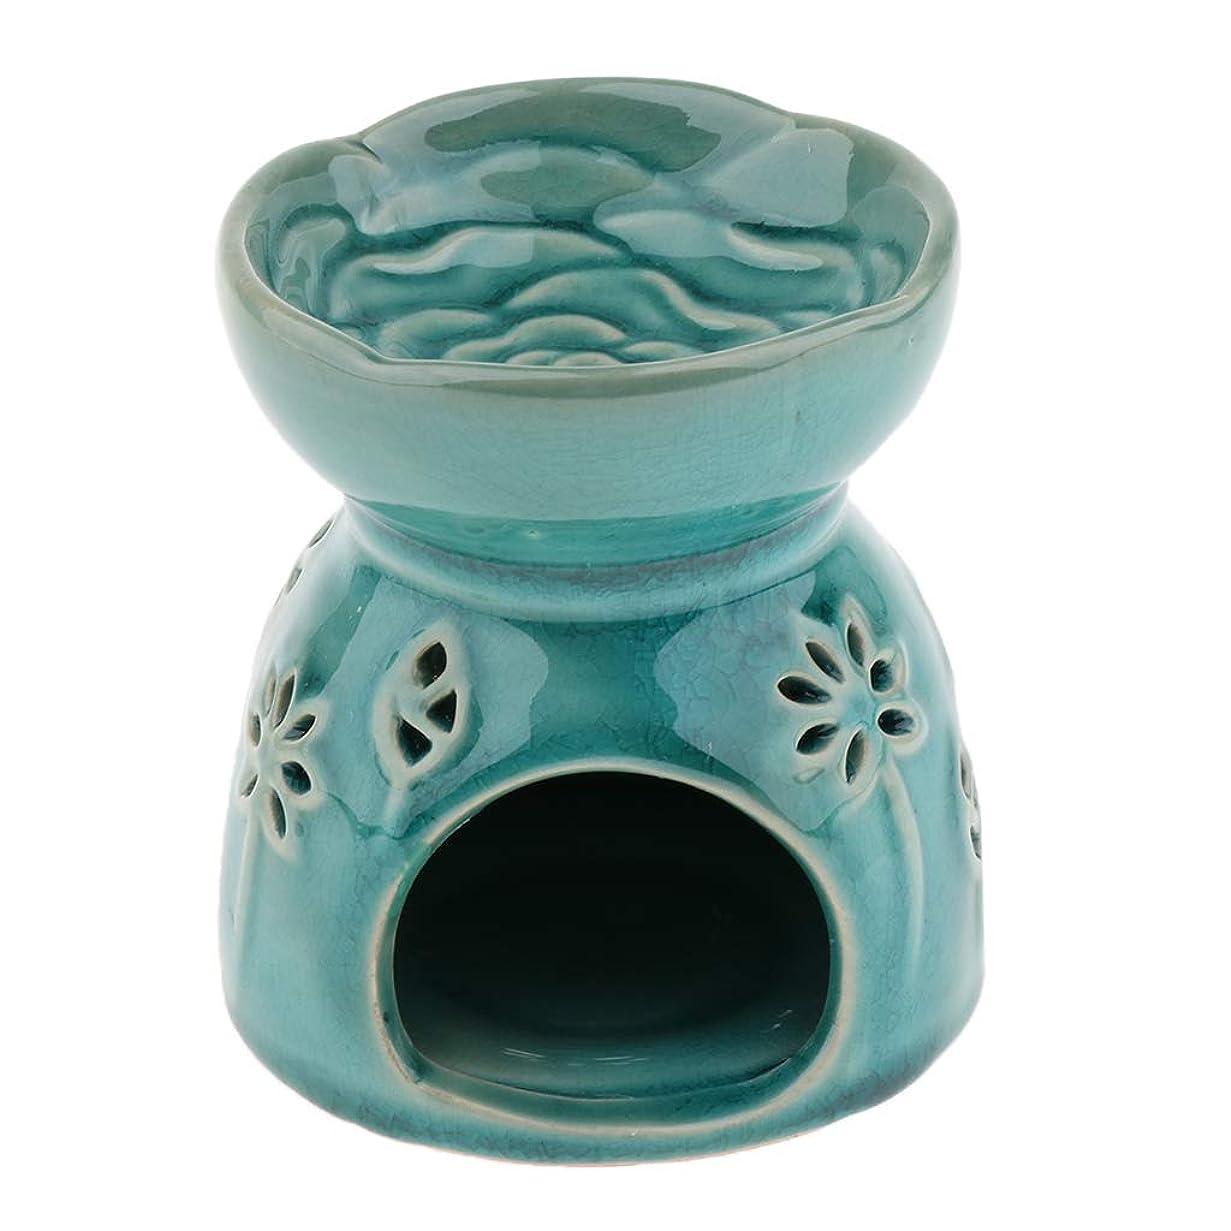 じゃがいも考えたドライPerfeclan 全2色 アロマディフューザー エッセンシャルオイルディフューザー バーナー 陶器 置物 インテリア - 青